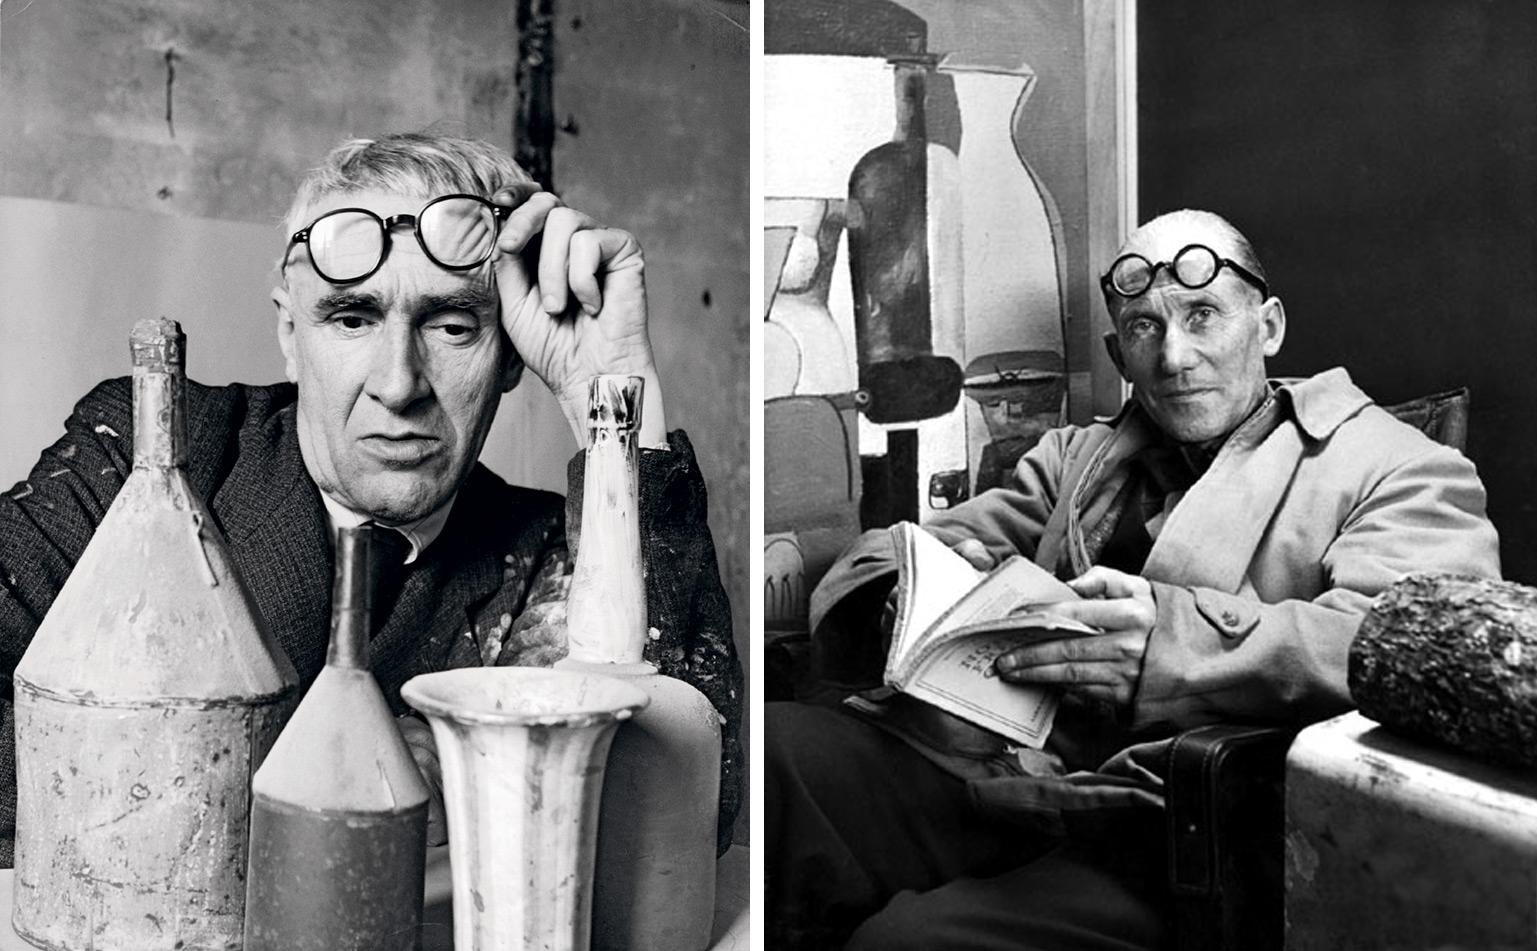 Le Corbusier, najbardziej wpływowy architekt w dziejach